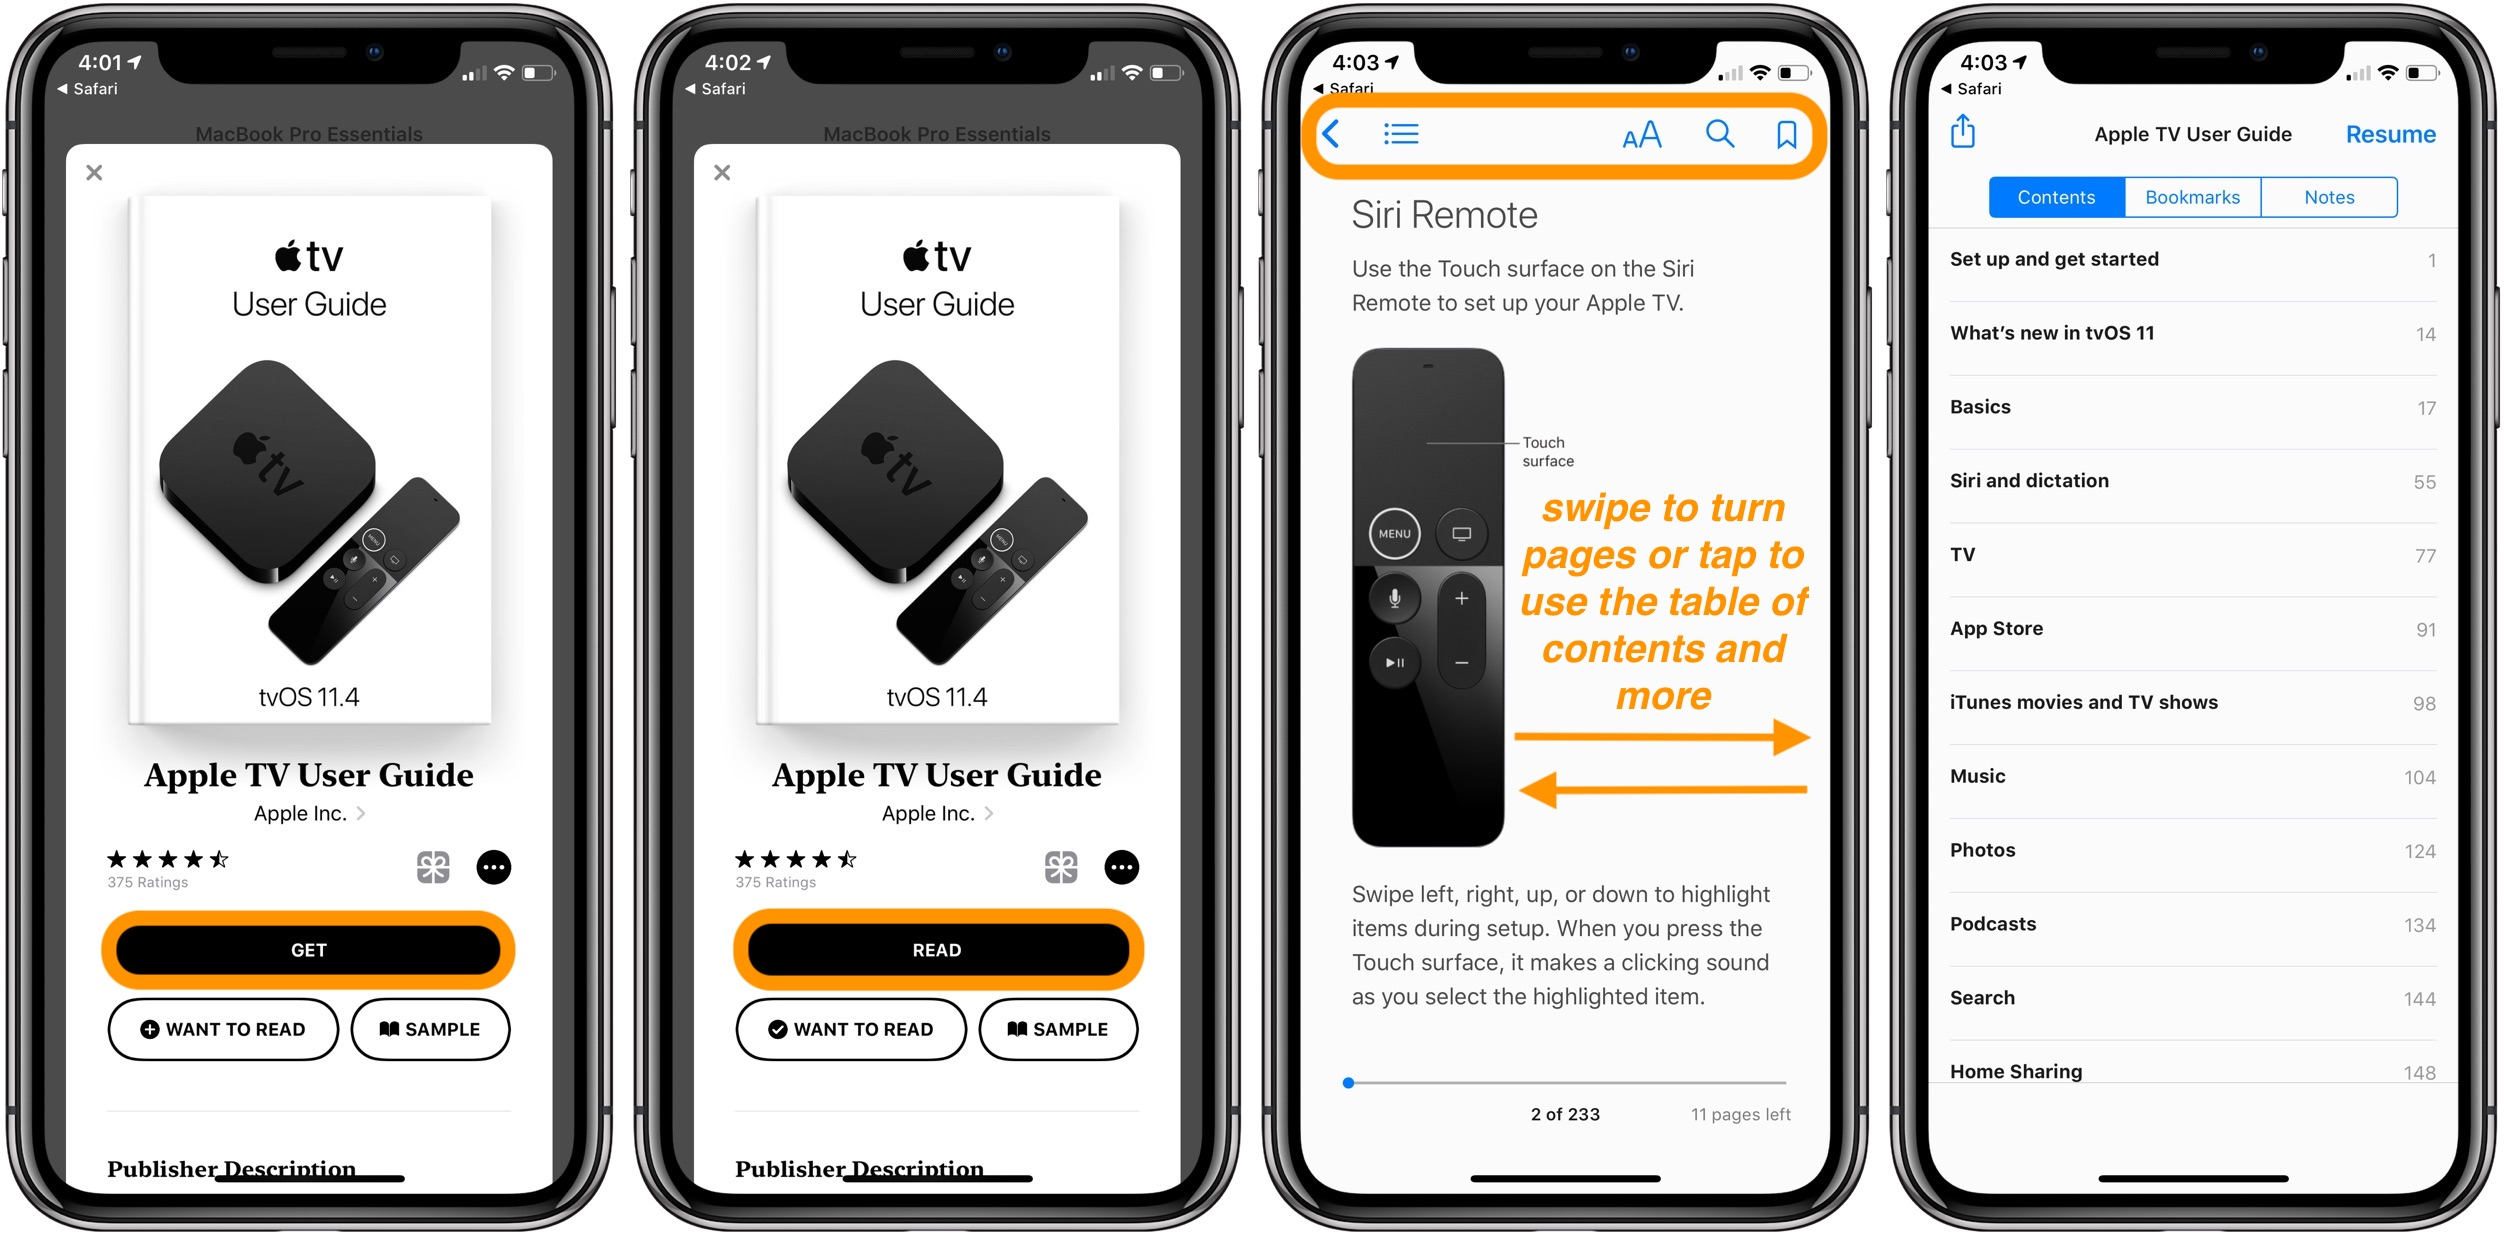 apple tv 4 guide free owners manual u2022 rh infomanualguide today Apple TV vs Vizio TV guide utilisateur apple tv 3